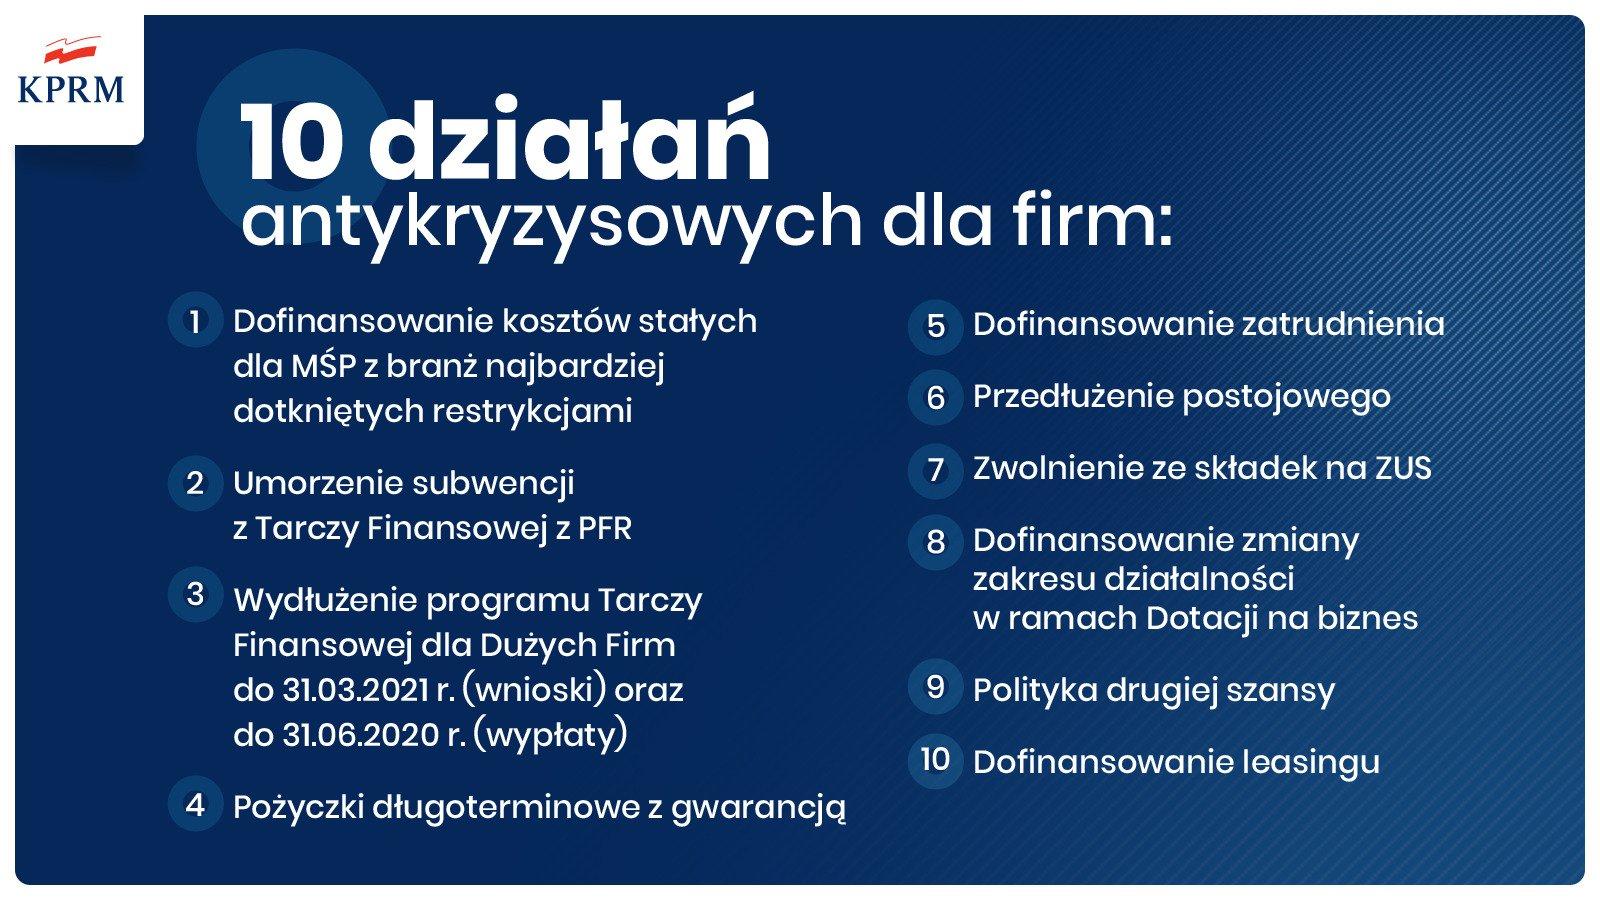 10 działań antykryzysowych (Fot. KPRM).jpg